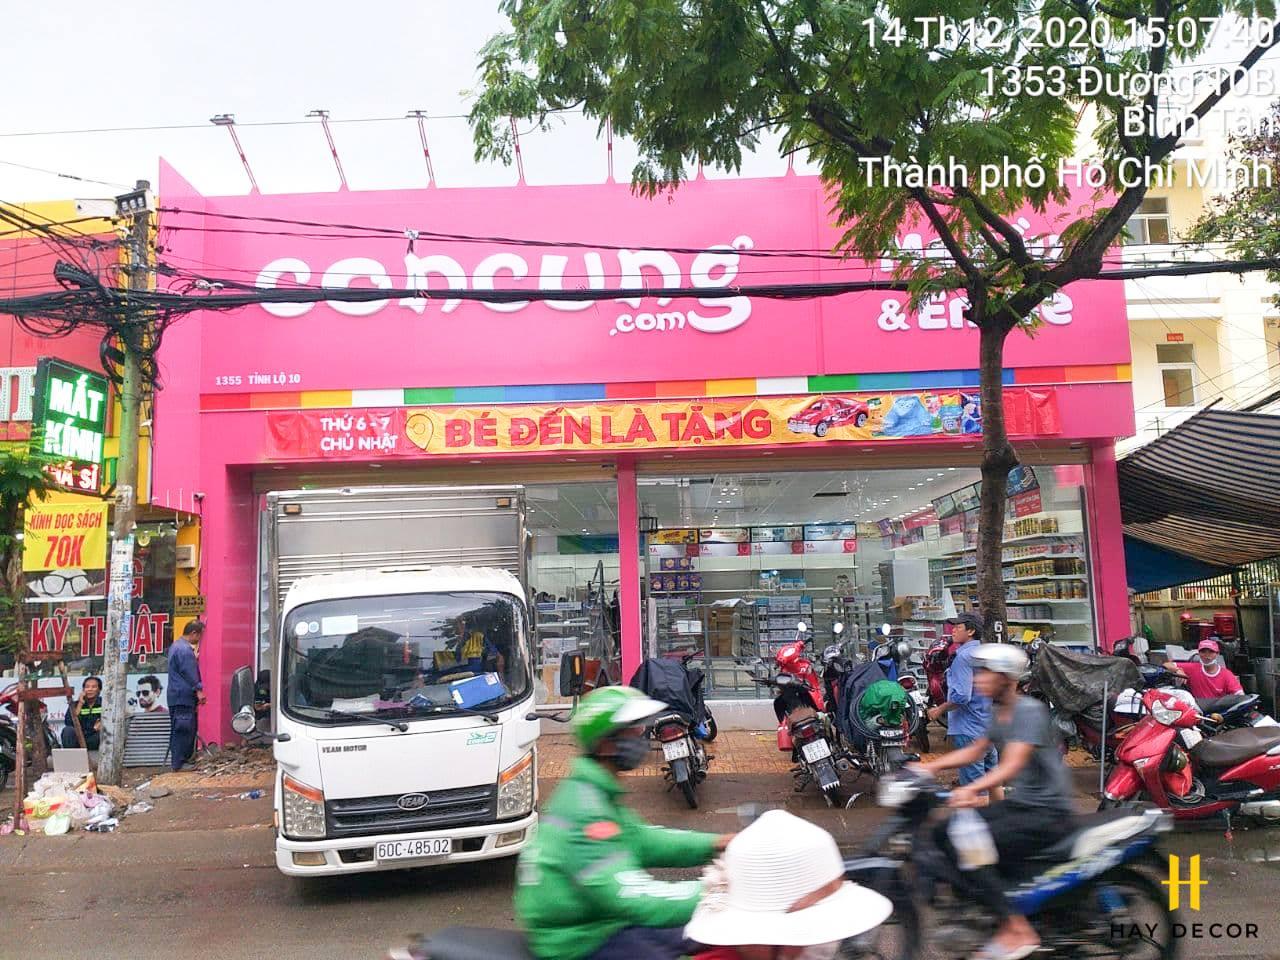 Con Cưng 1355 Tỉnh Lộ 10 số 1355 Tỉnh Lộ 10, Phường Tân Tạo A, Quận Bình Tân, TP. Hồ Chí Minh02873006609